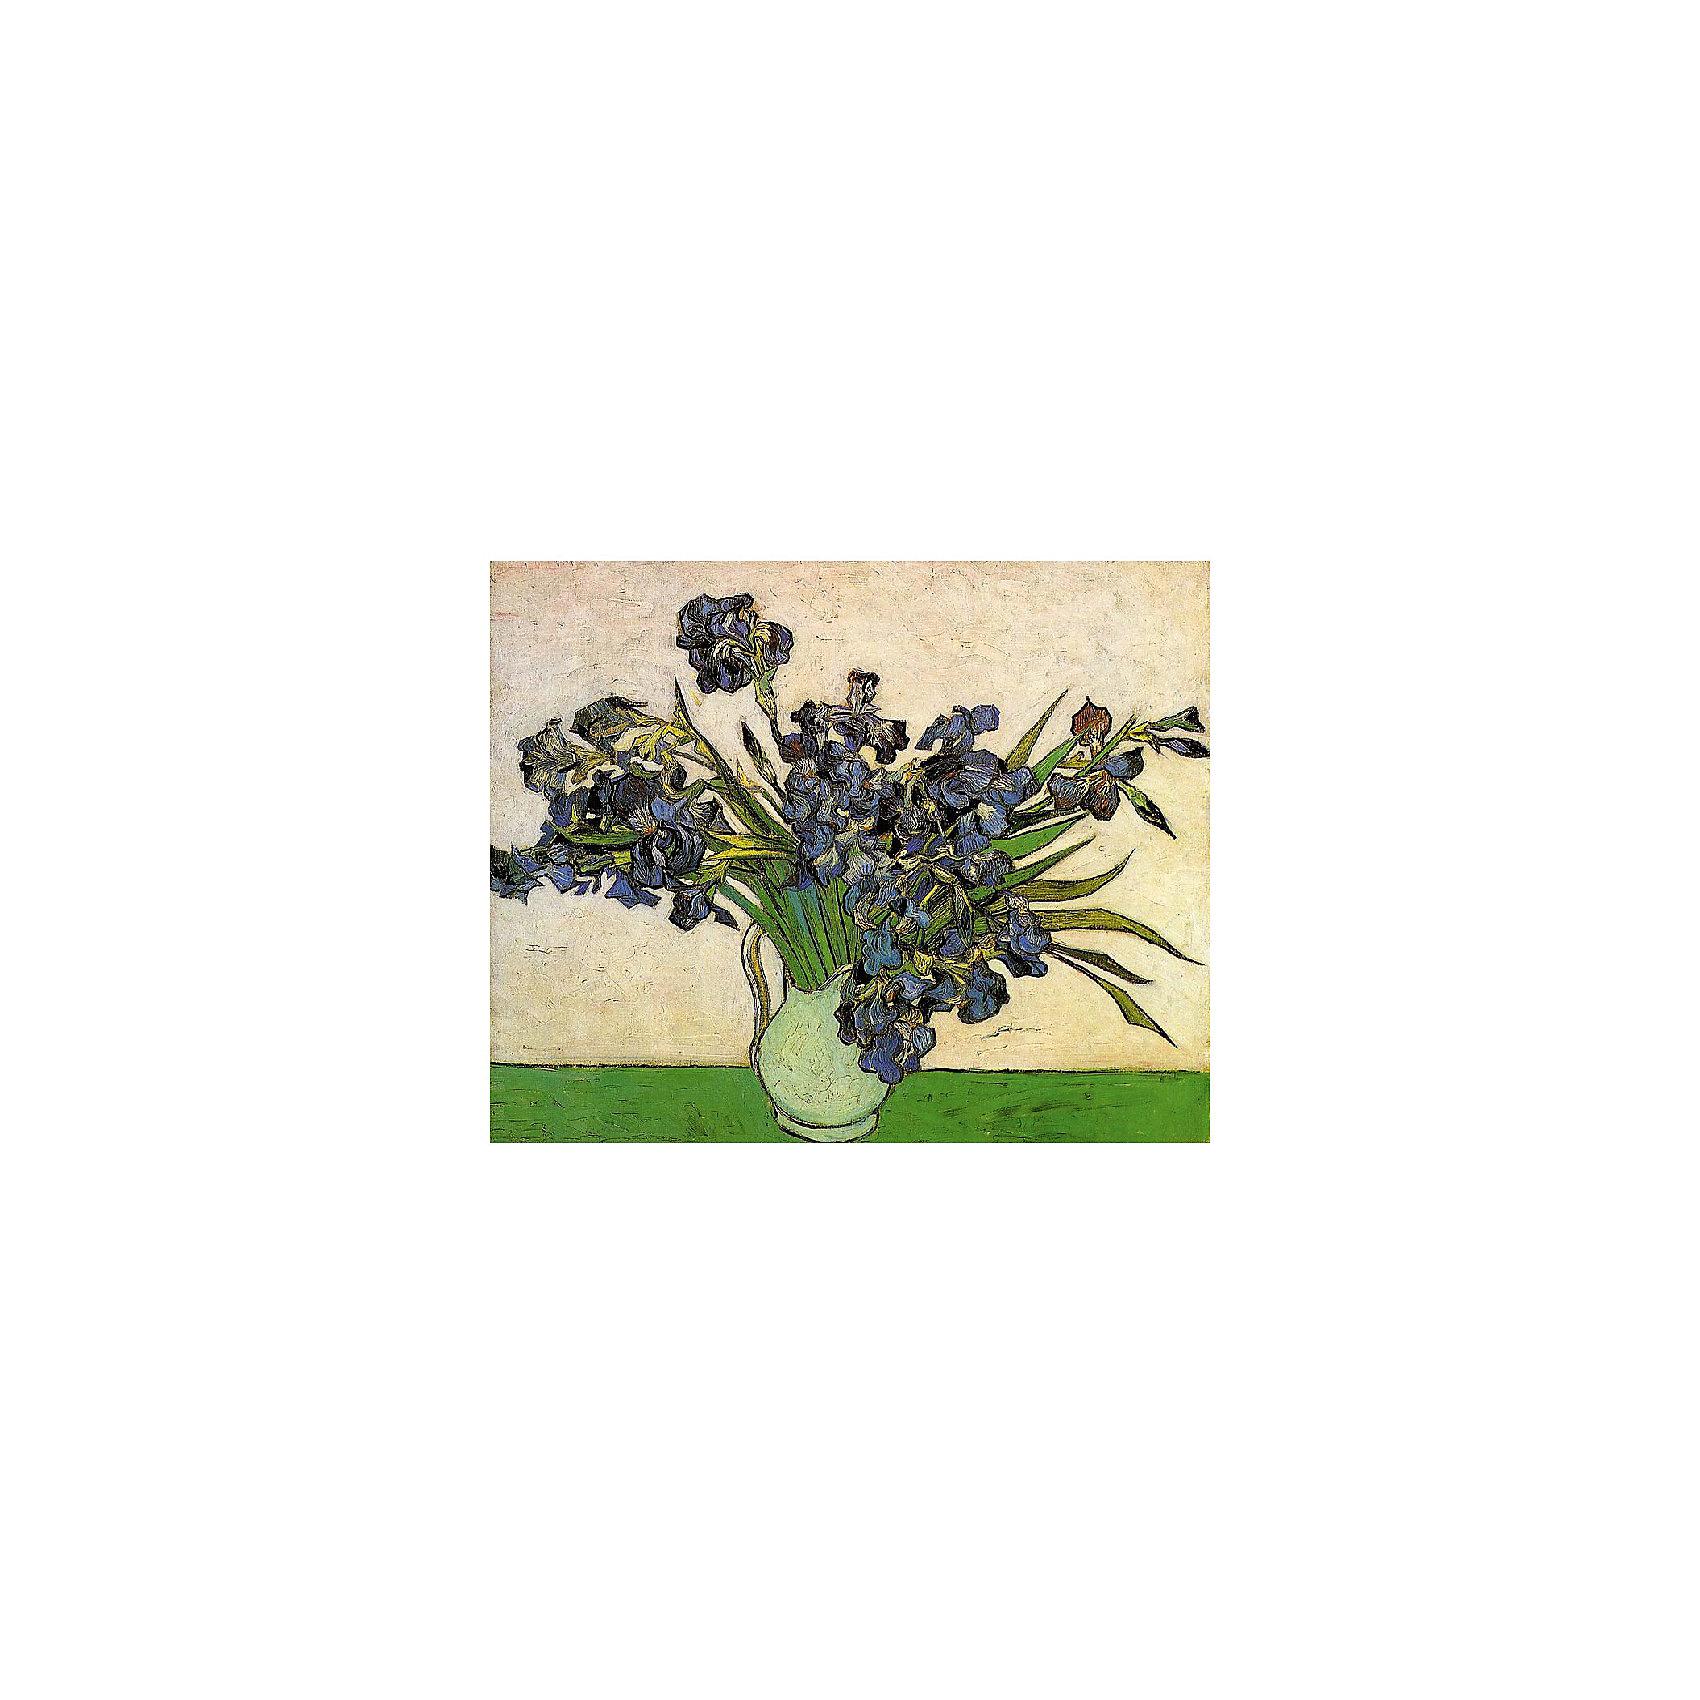 Картина по номерам Ван Гог: Ирисы в вазе, 40*50 смРисование<br>Картины с раскраской по номерам размером 40*50. На деревянном подрамнике, с прогрунтованным холстом и  нанесенными контурами картины, с указанием цвета закраски, акриловыми красками, 3 кисточками и креплением на стену. Уровень сложности, количество красок указаны на коробке.<br><br>Ширина мм: 500<br>Глубина мм: 400<br>Высота мм: 40<br>Вес г: 730<br>Возраст от месяцев: 108<br>Возраст до месяцев: 2147483647<br>Пол: Унисекс<br>Возраст: Детский<br>SKU: 5417702